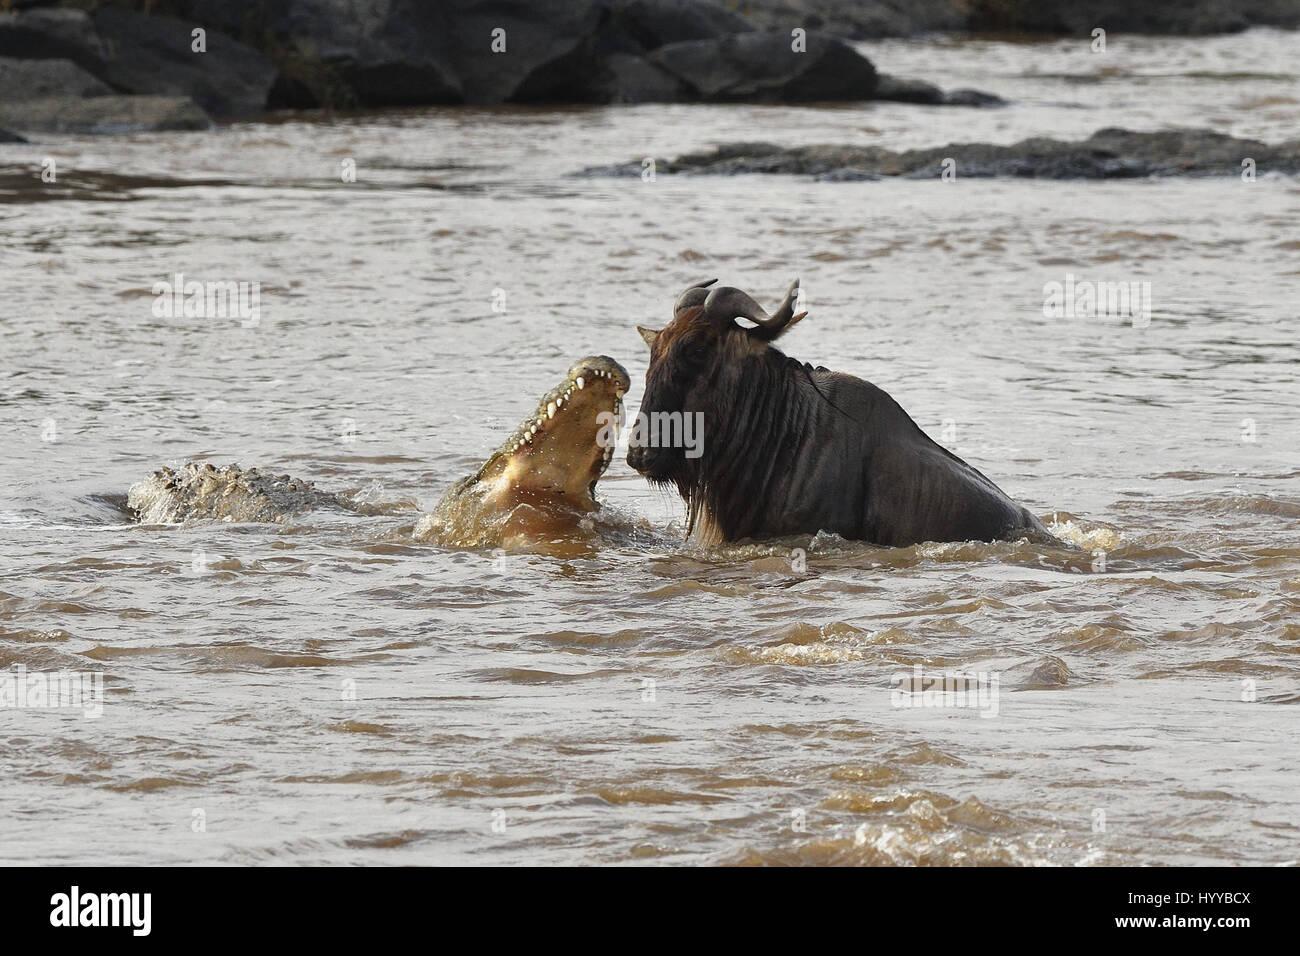 MASAI MARA, Kenia: Dramatische Bilder Moment ergaben eine hungrige 880-Pfund-Krokodil aus dem Wasser, einem unglücklichen Stockbild